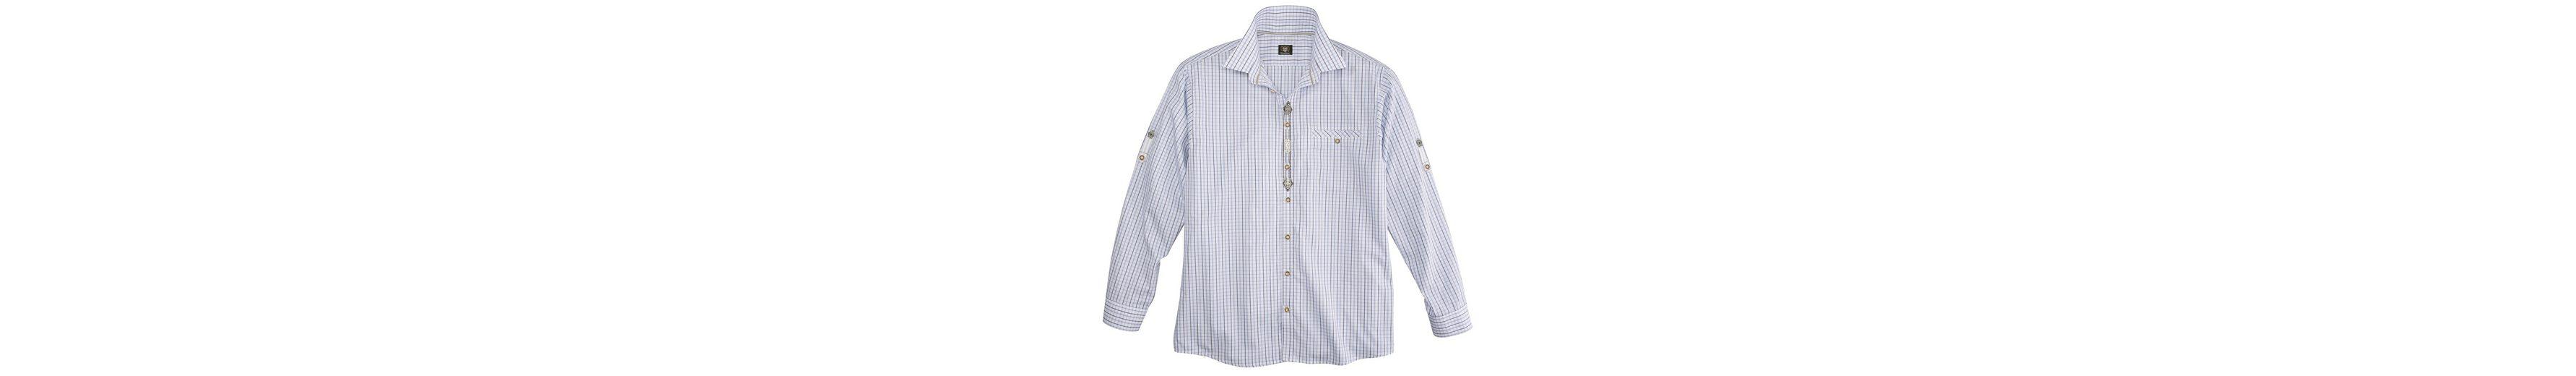 Um Zu Verkaufen Freies Verschiffen Vorbestellung OS-Trachten Trachtenhemd mit Krempelärmel Auslass Für Schön CJKk11M